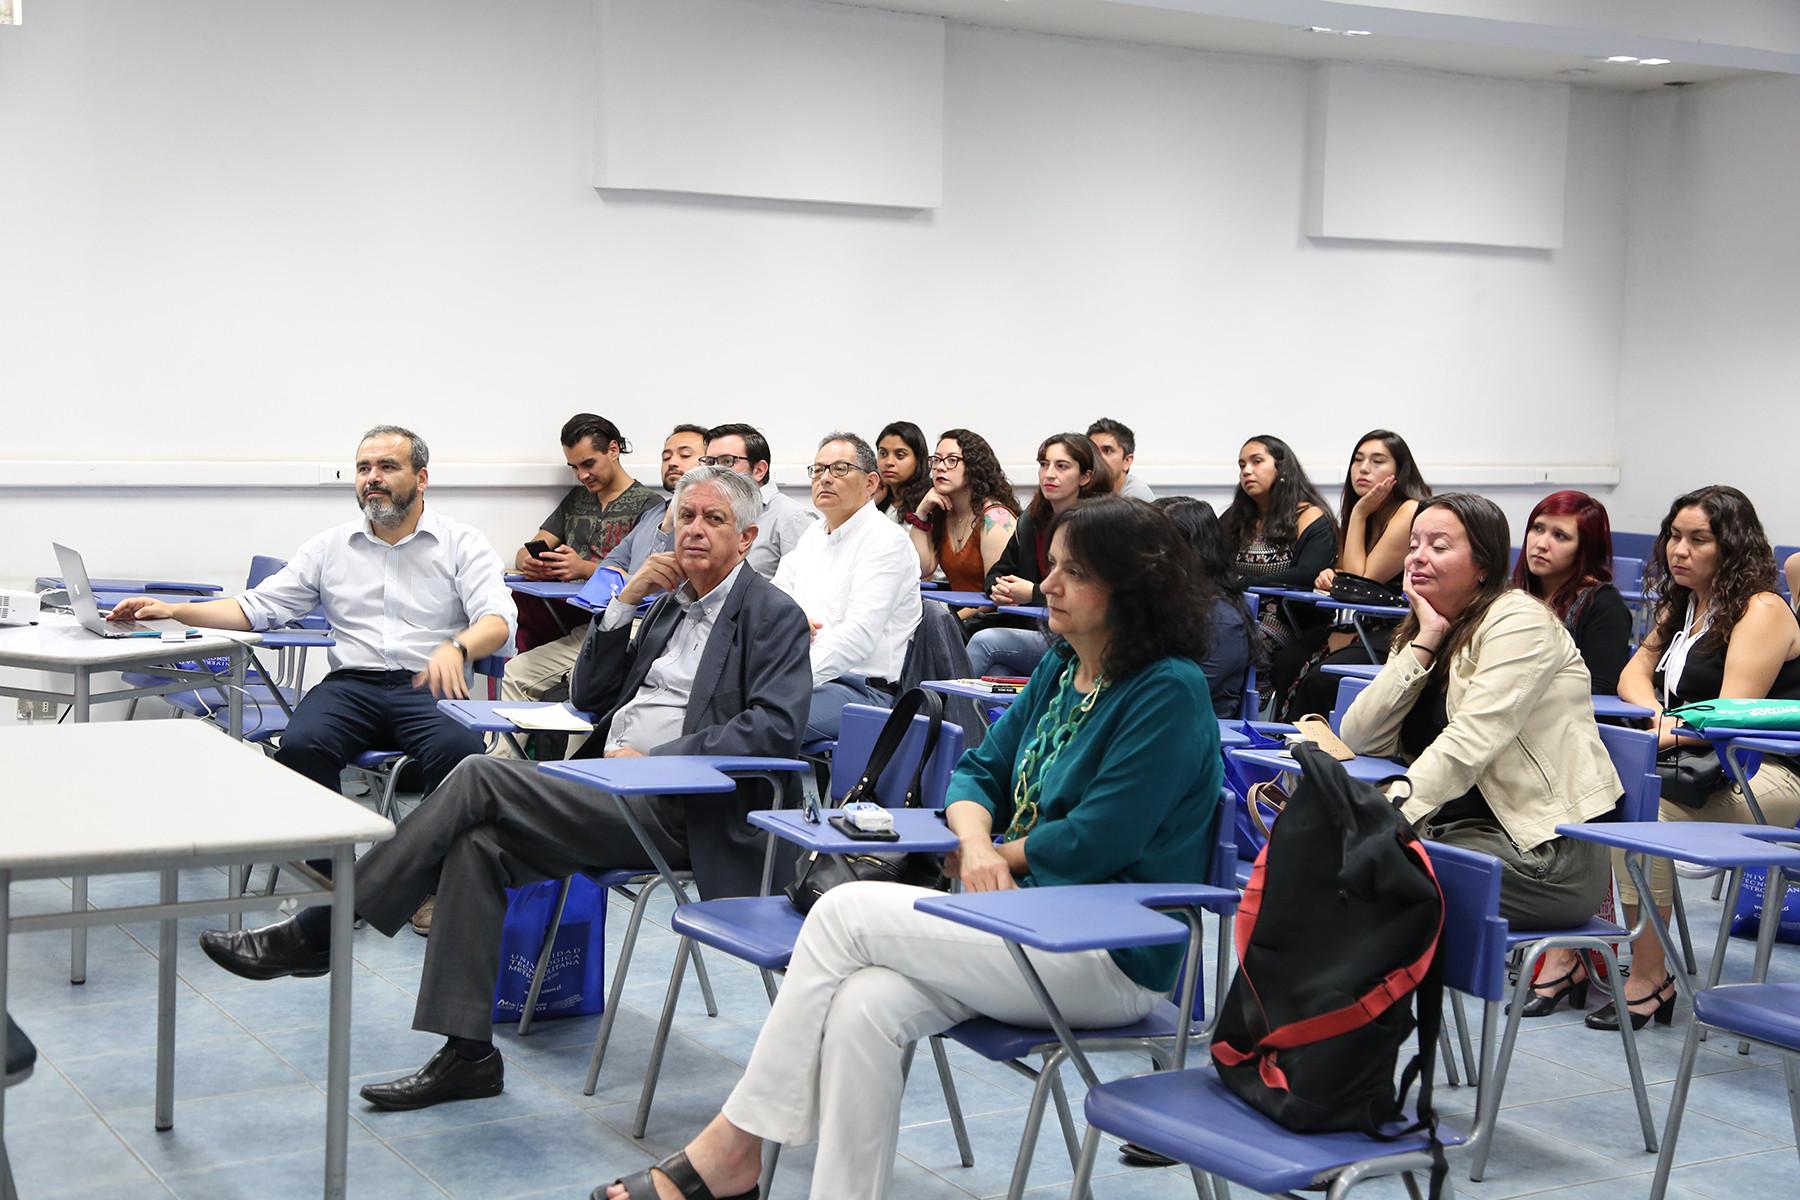 Ingeniería en Industria Alimentaria UTEM realiza encuentro para analizar las tendencias laborales del área